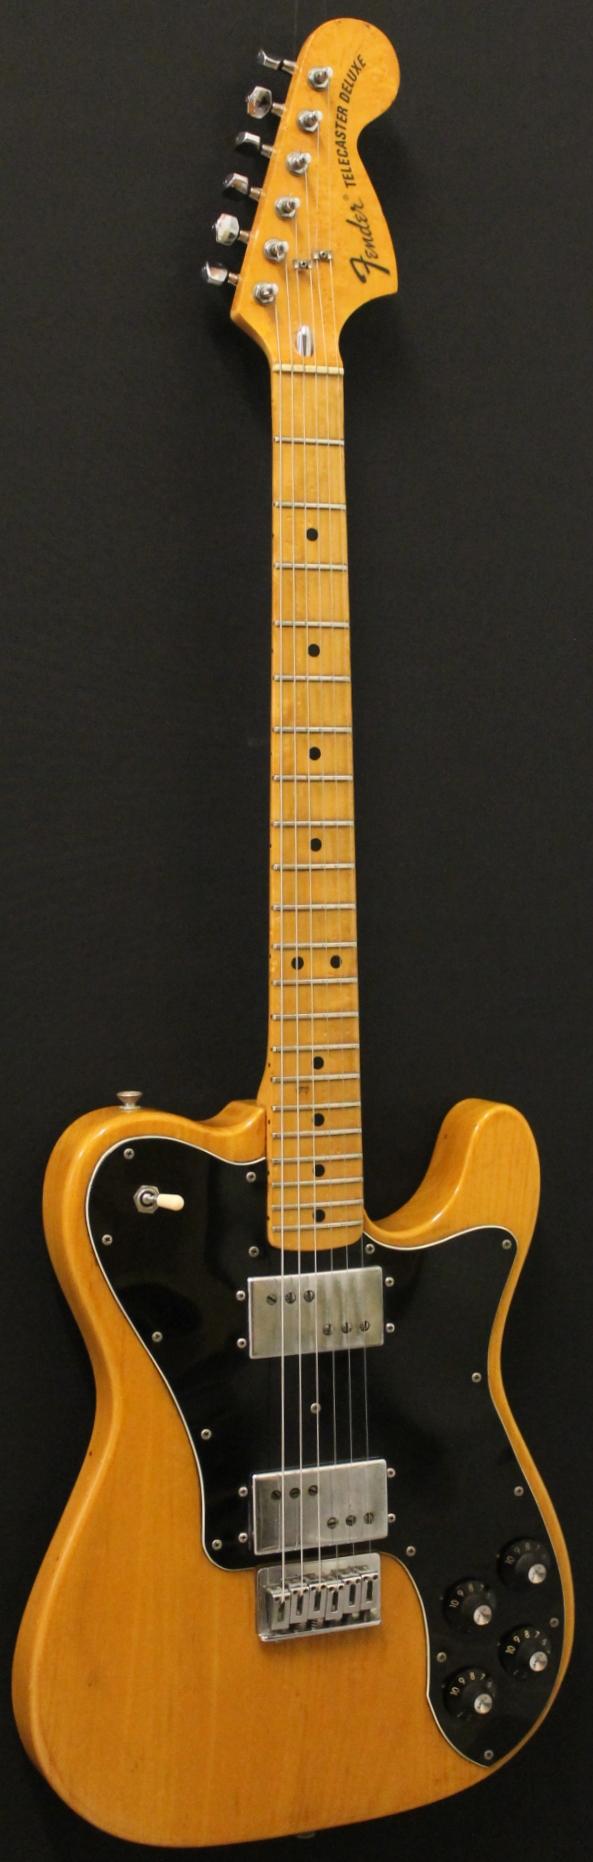 Kitarakuu - Fender Telecaster Deluxe 1974Nat